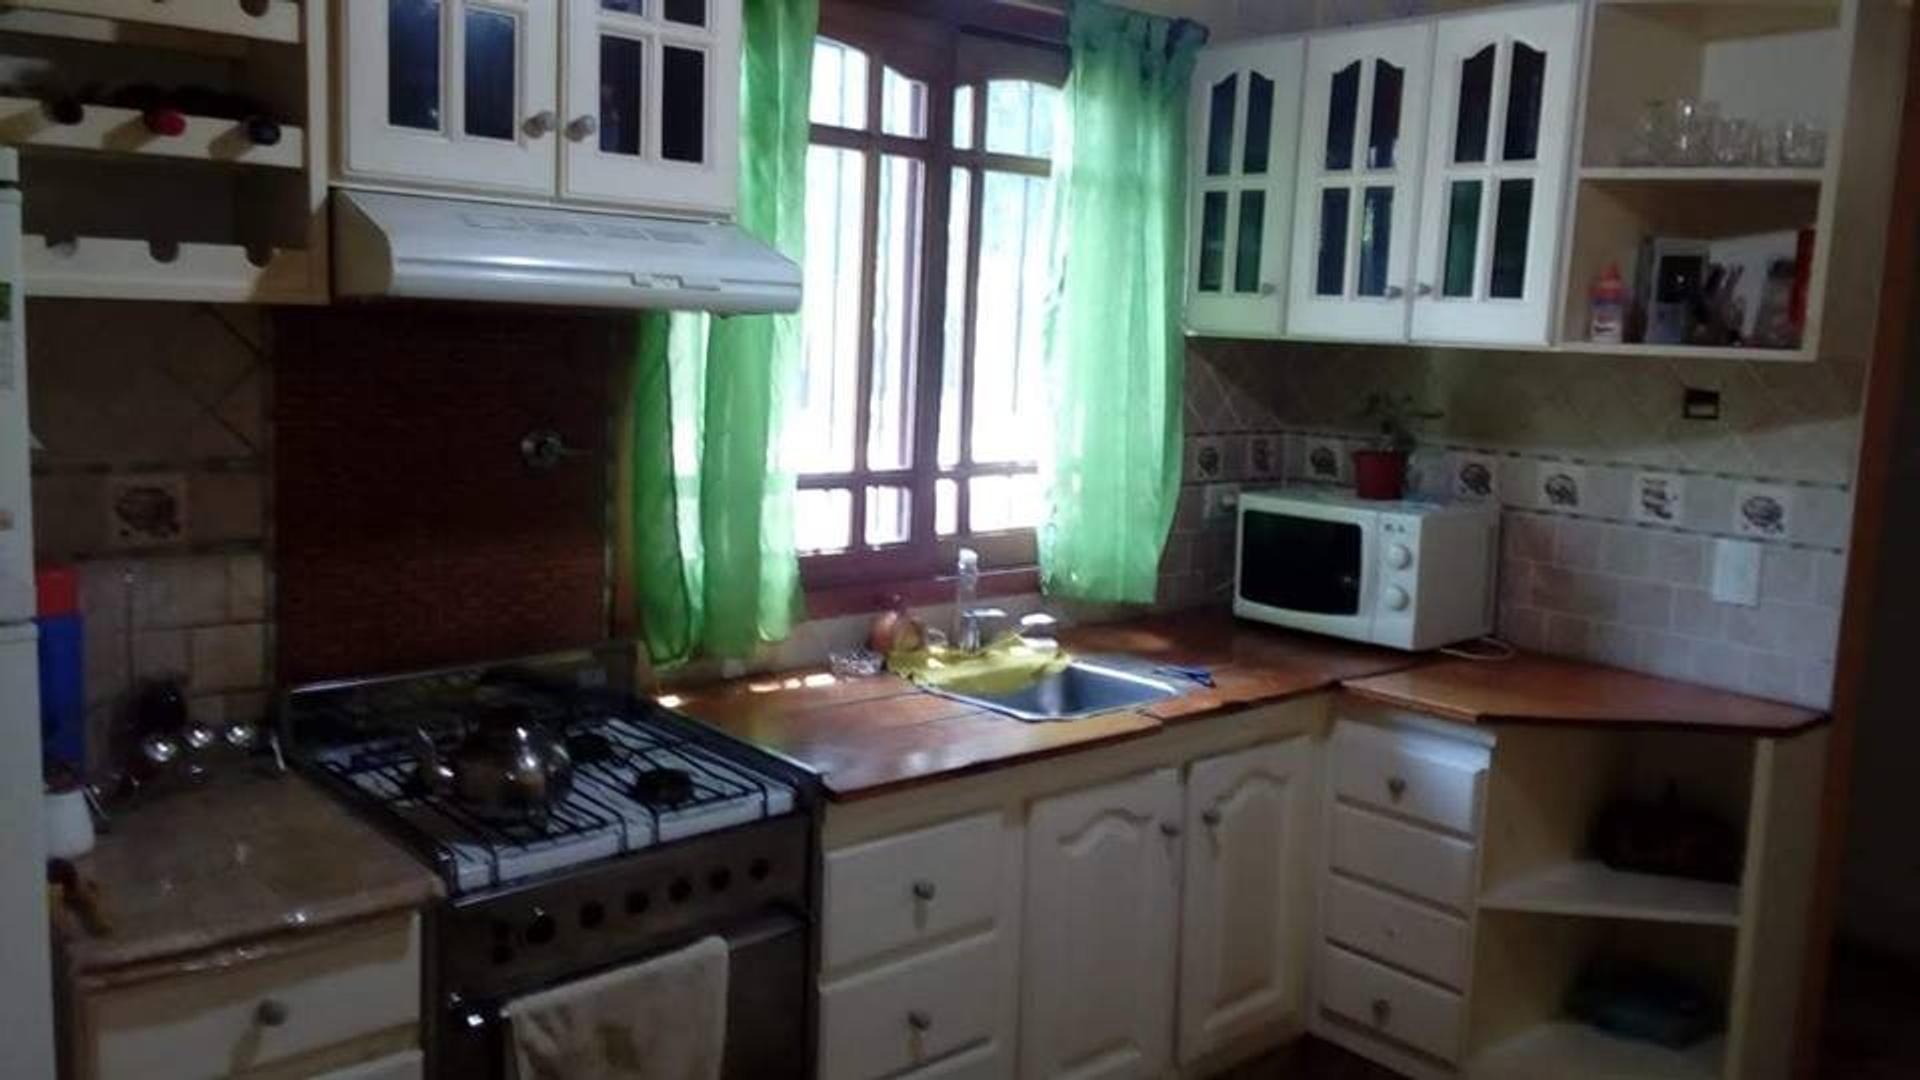 Casa - 177 m² | 3 dormitorios | 8 años